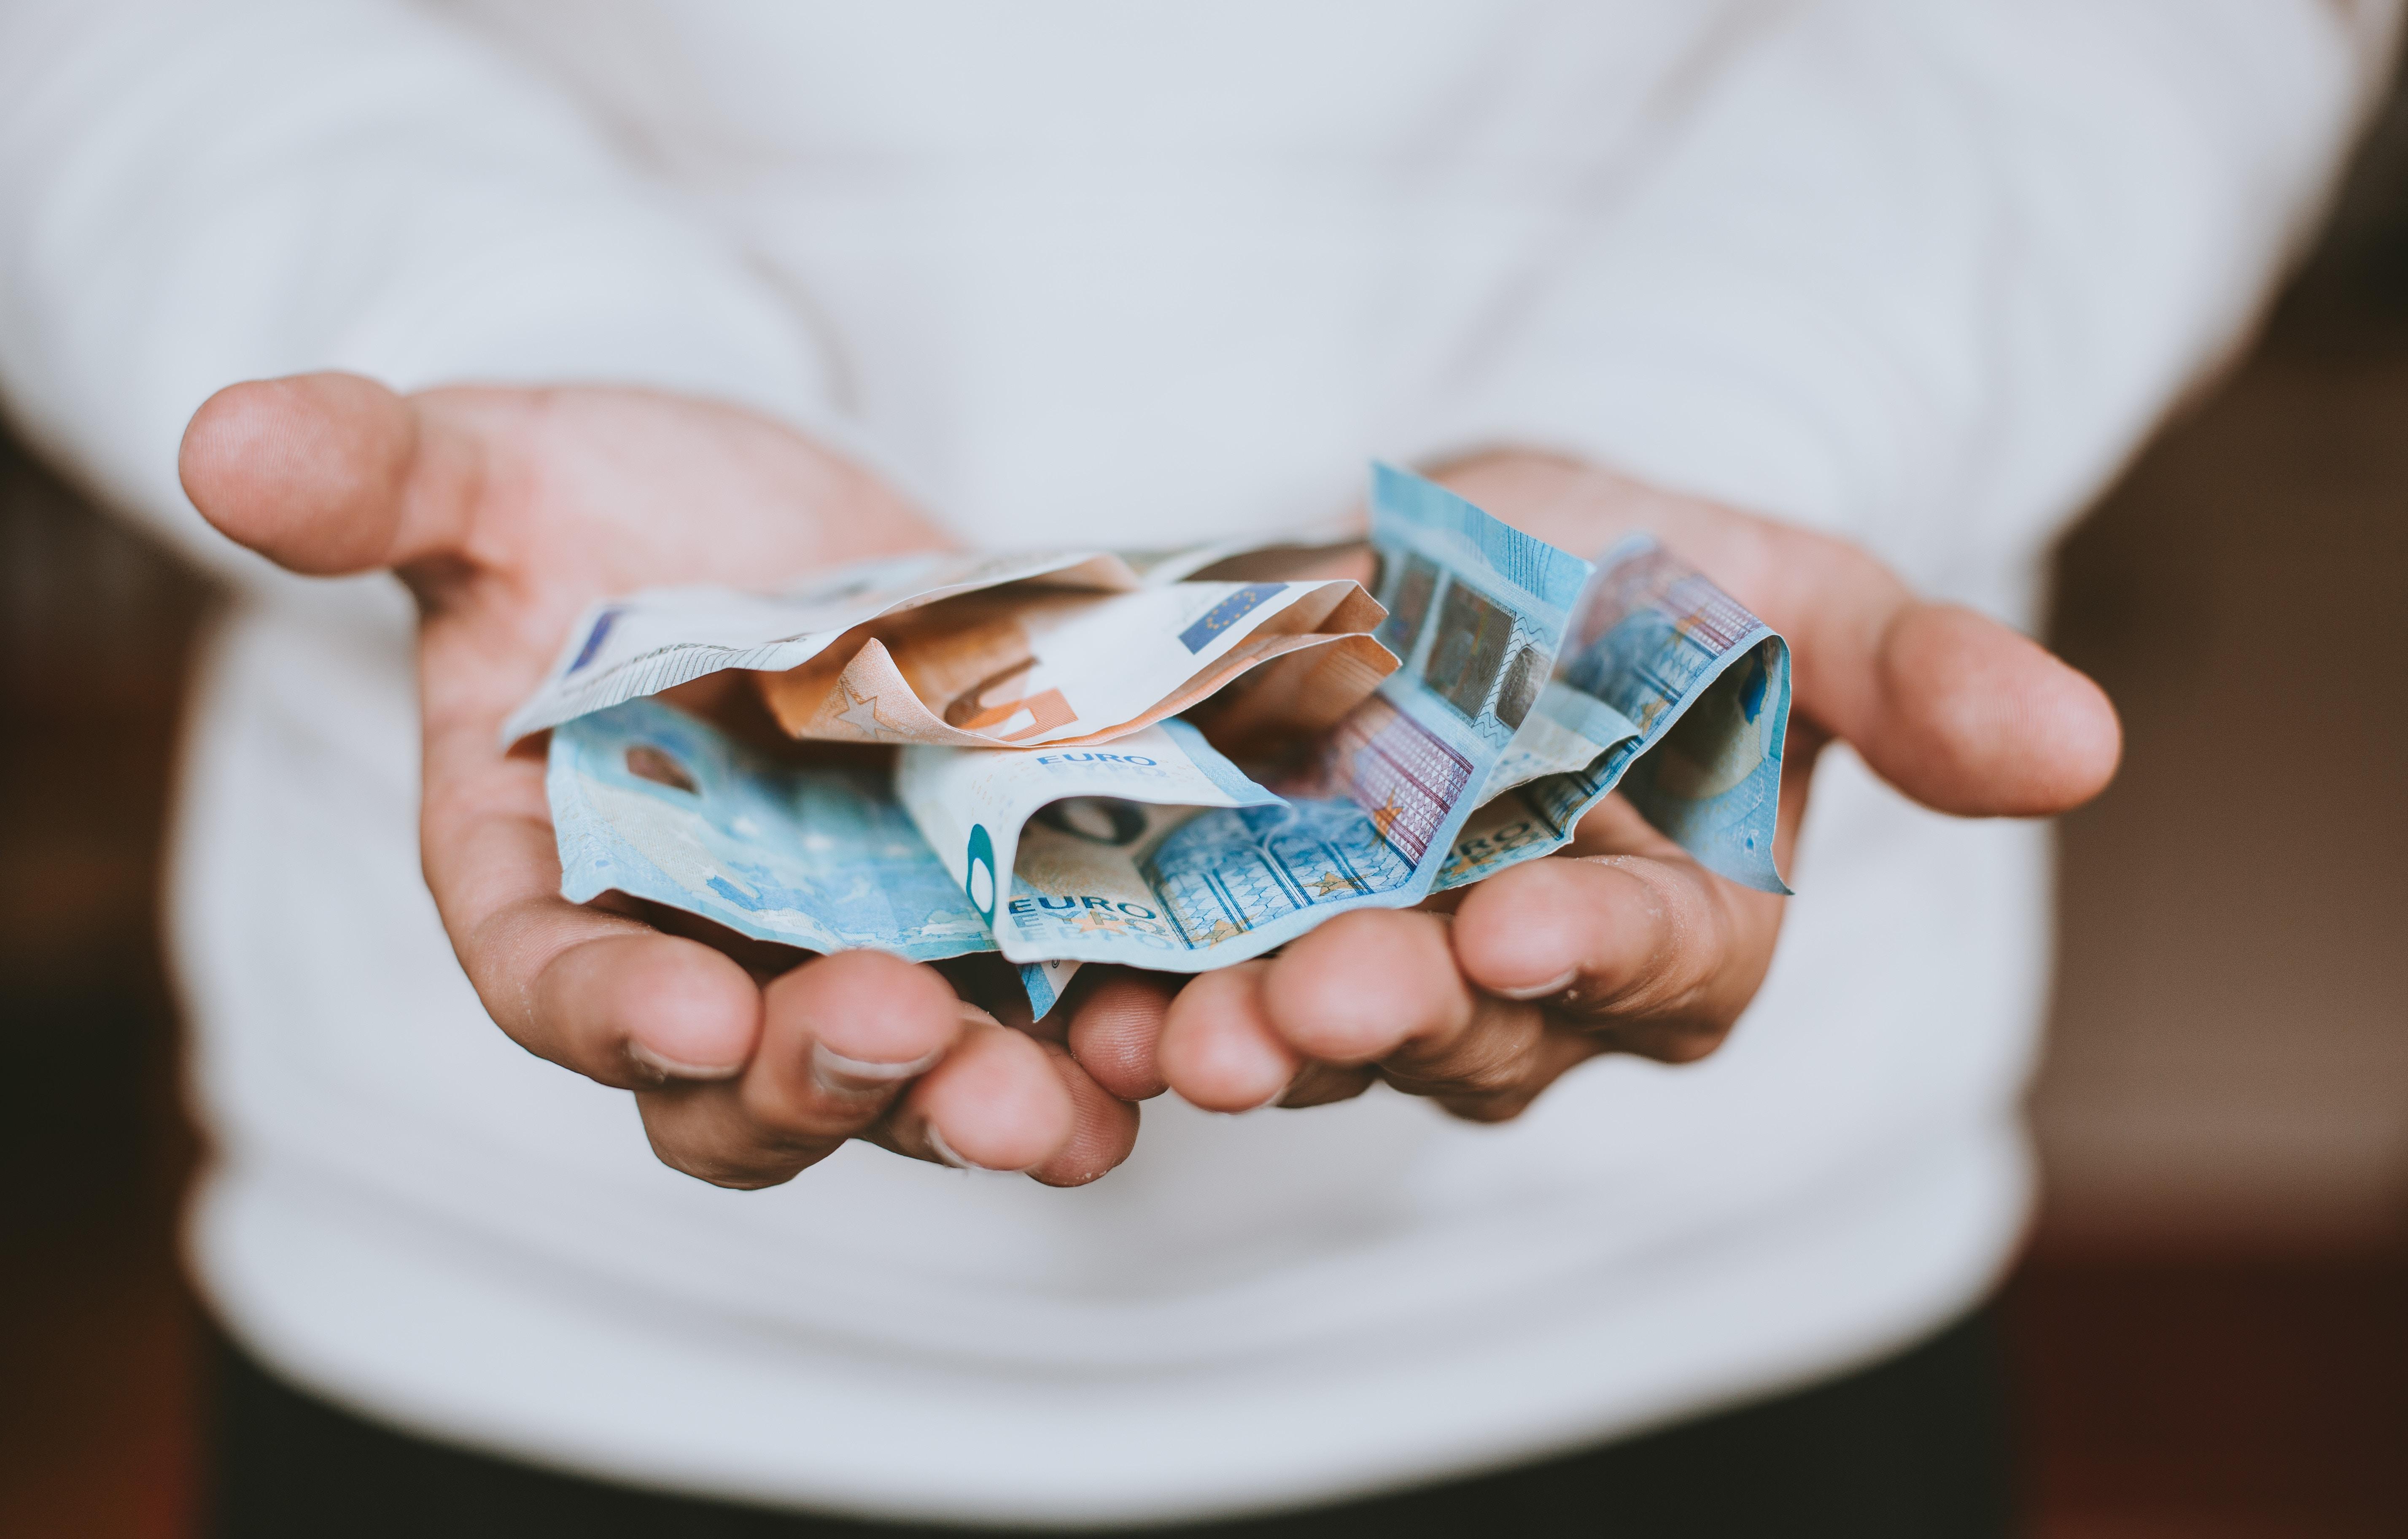 Reisekosten sind auch für Kleinunternehmer steuerlich absetzbar